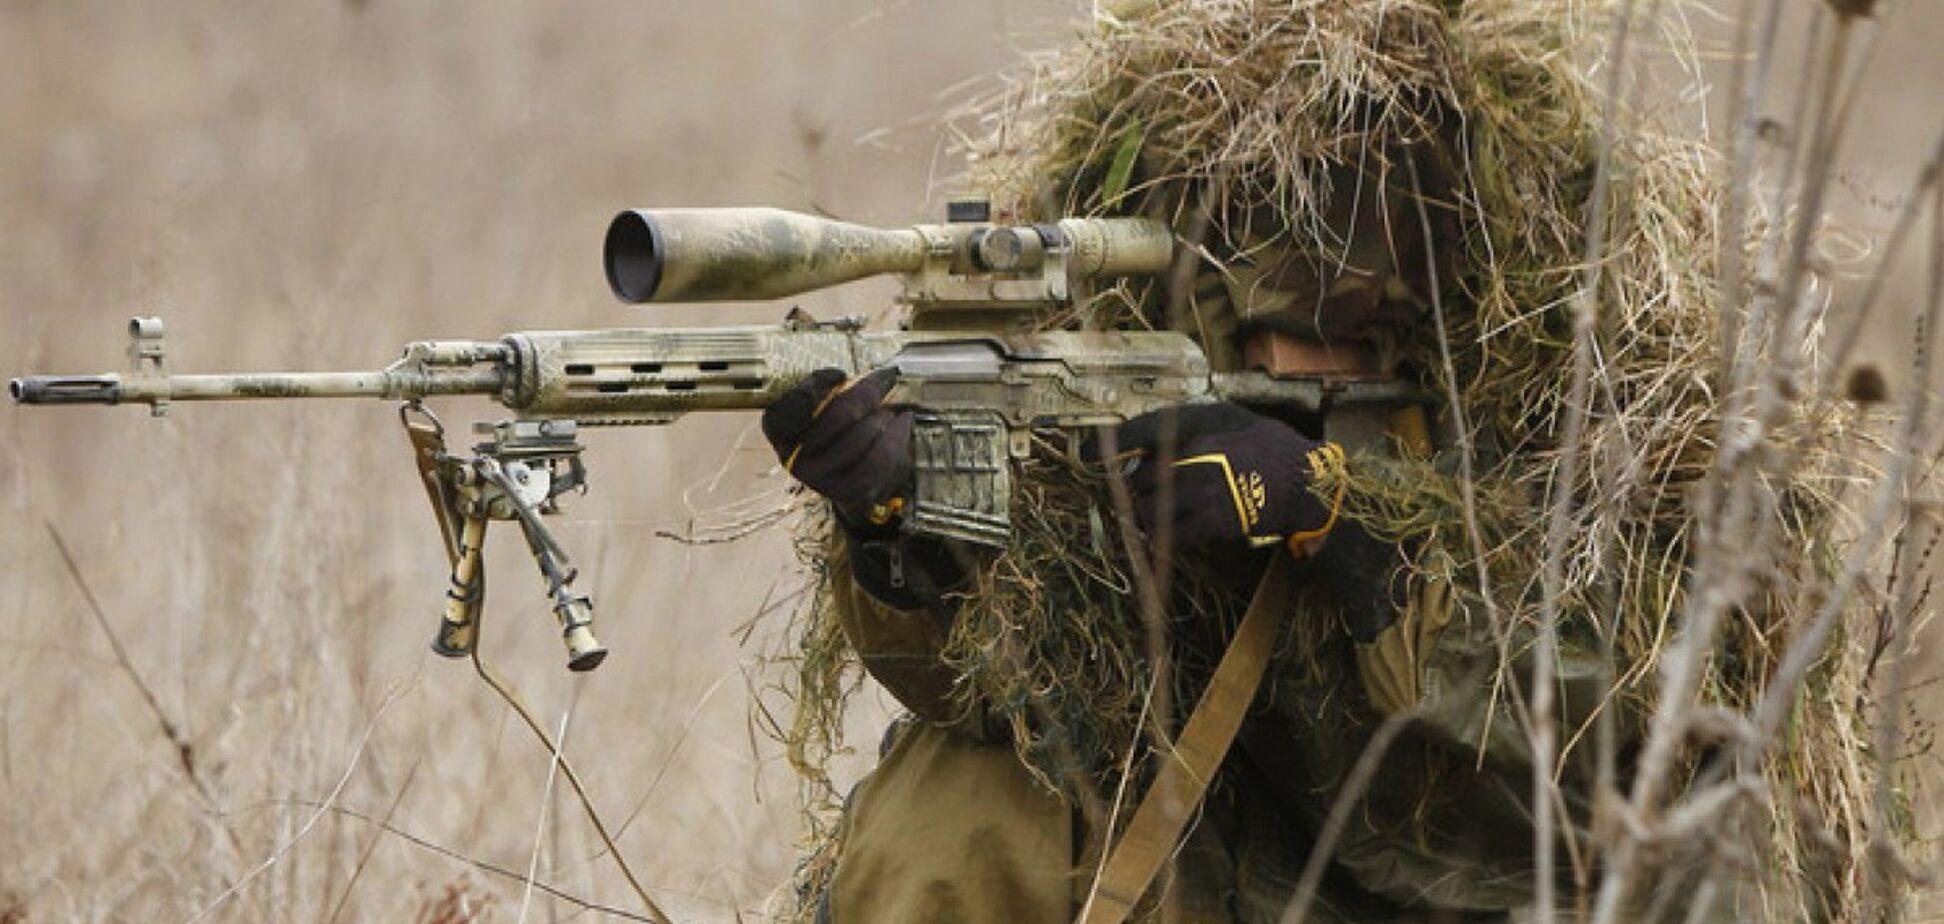 Российский снайпер (фото – 24 канал)